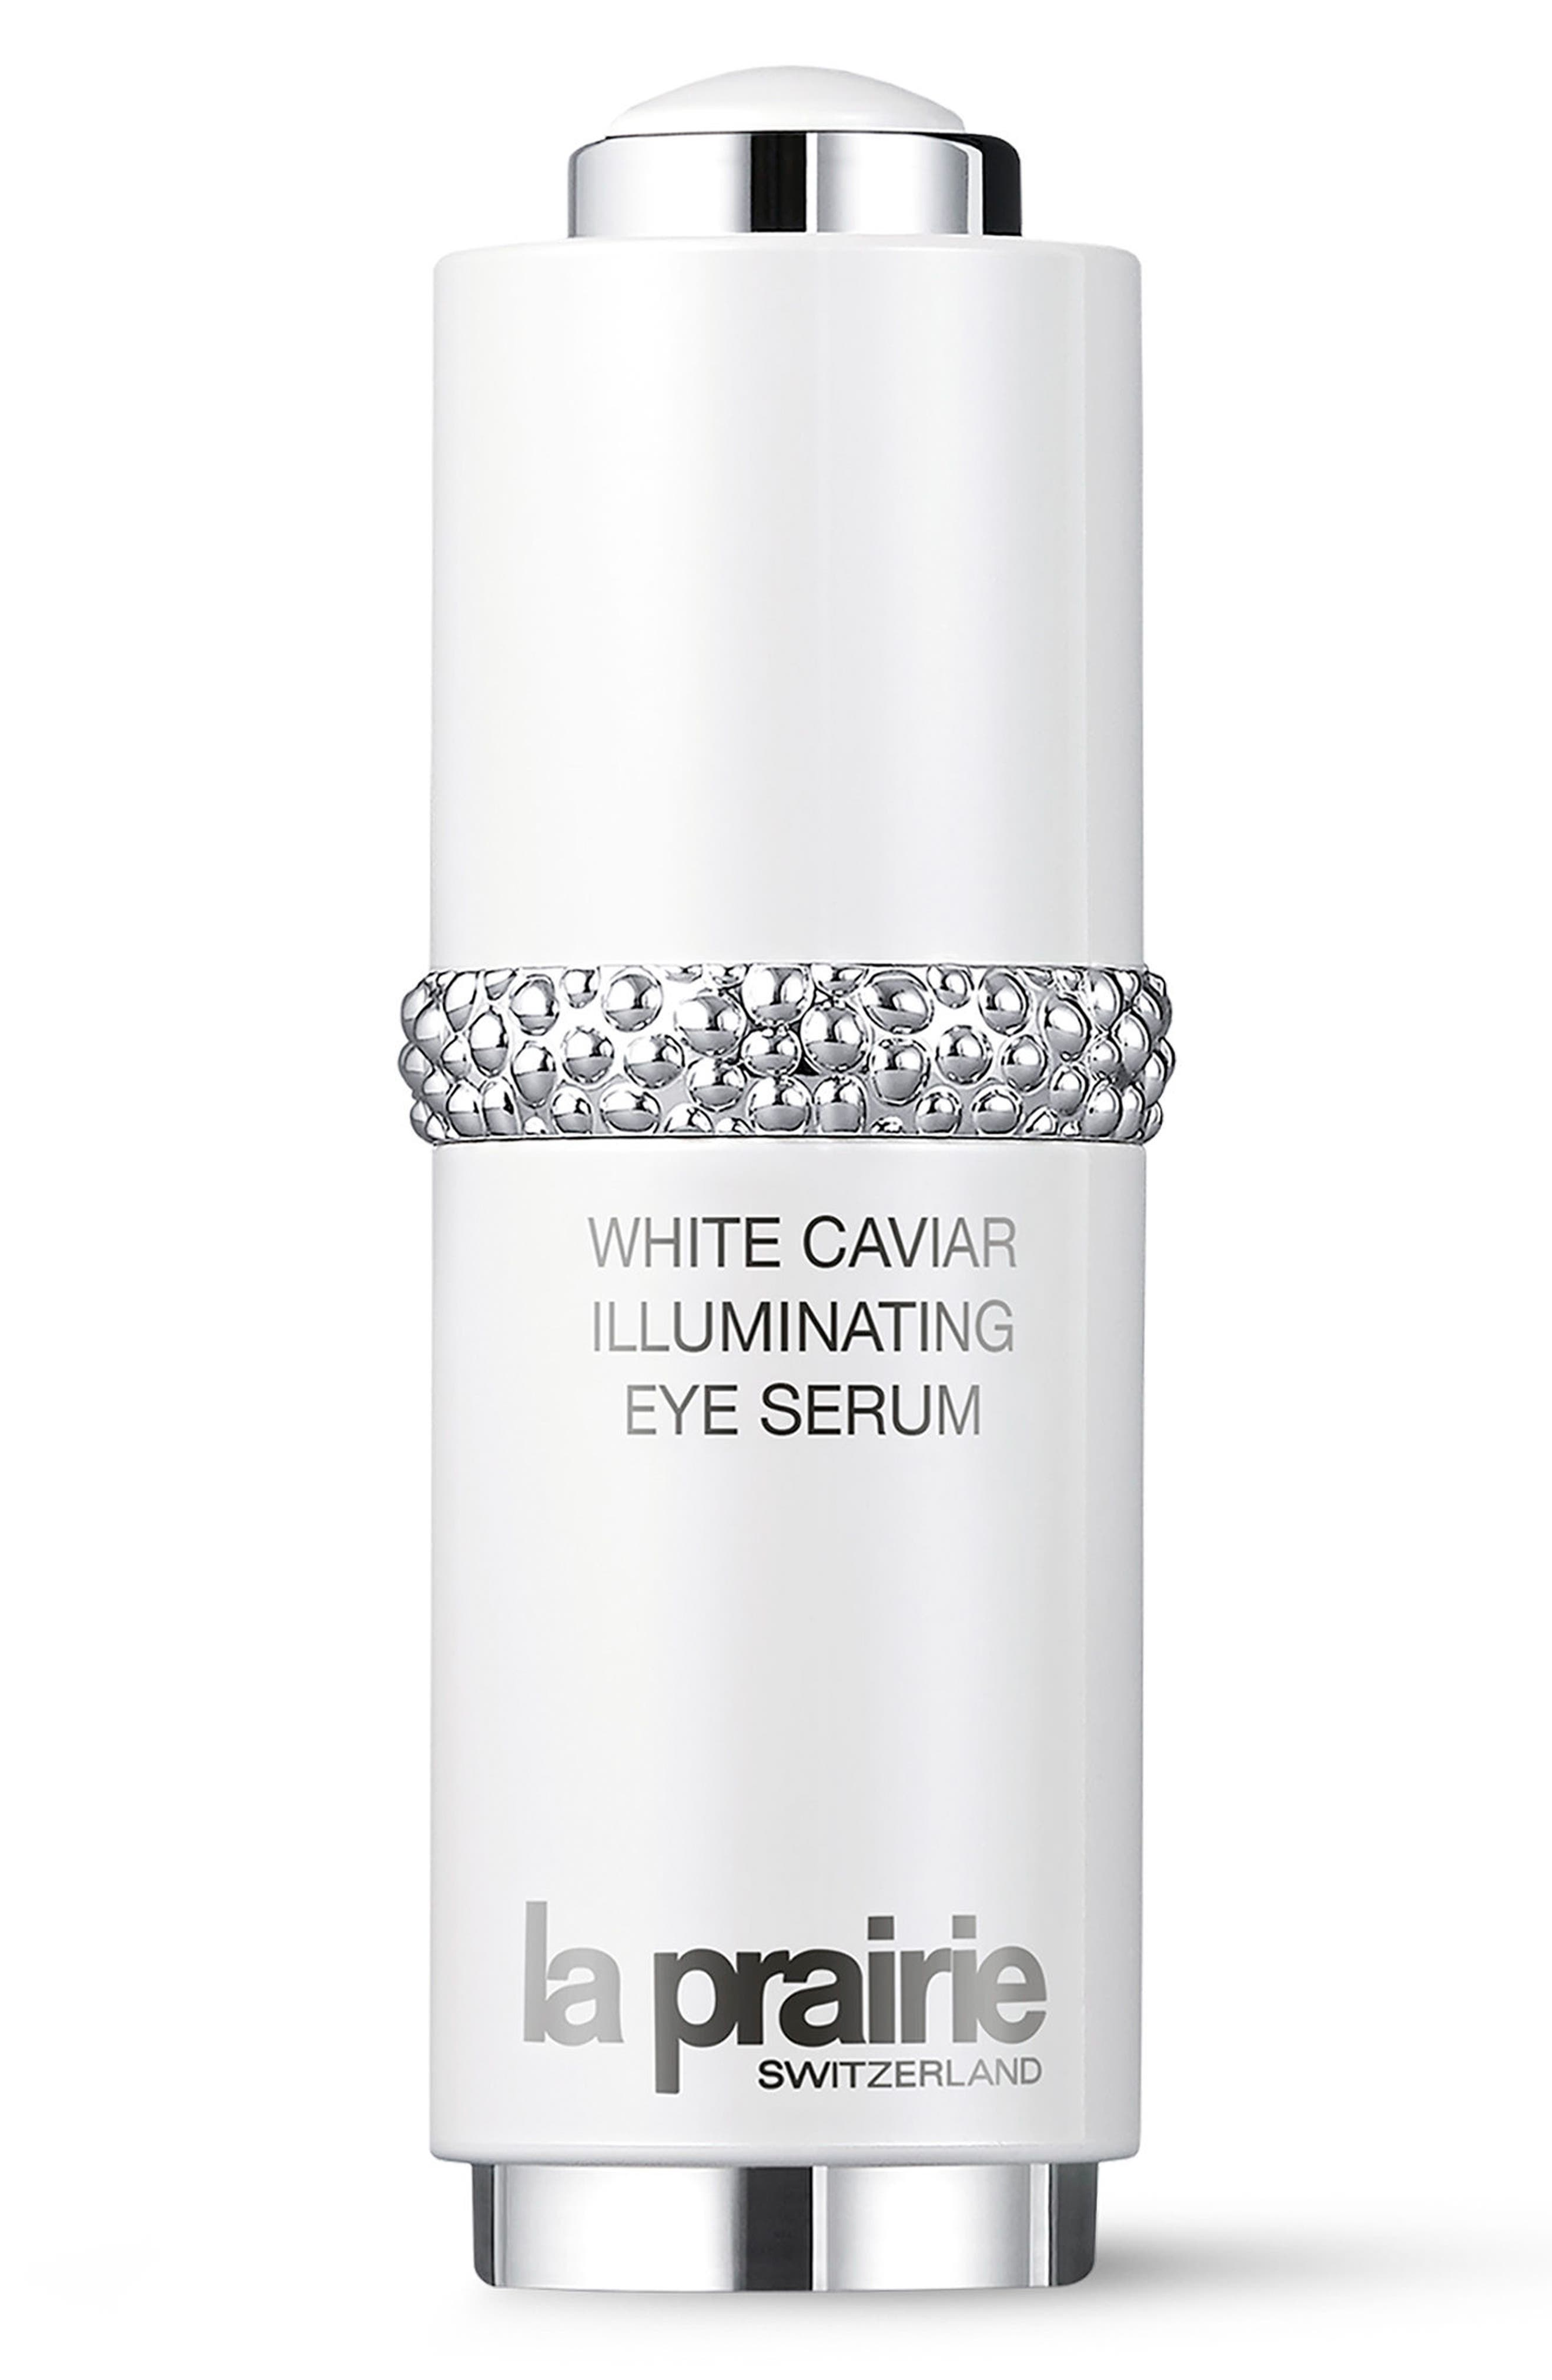 LA PRAIRIE 'White Caviar' Illuminating Eye Serum